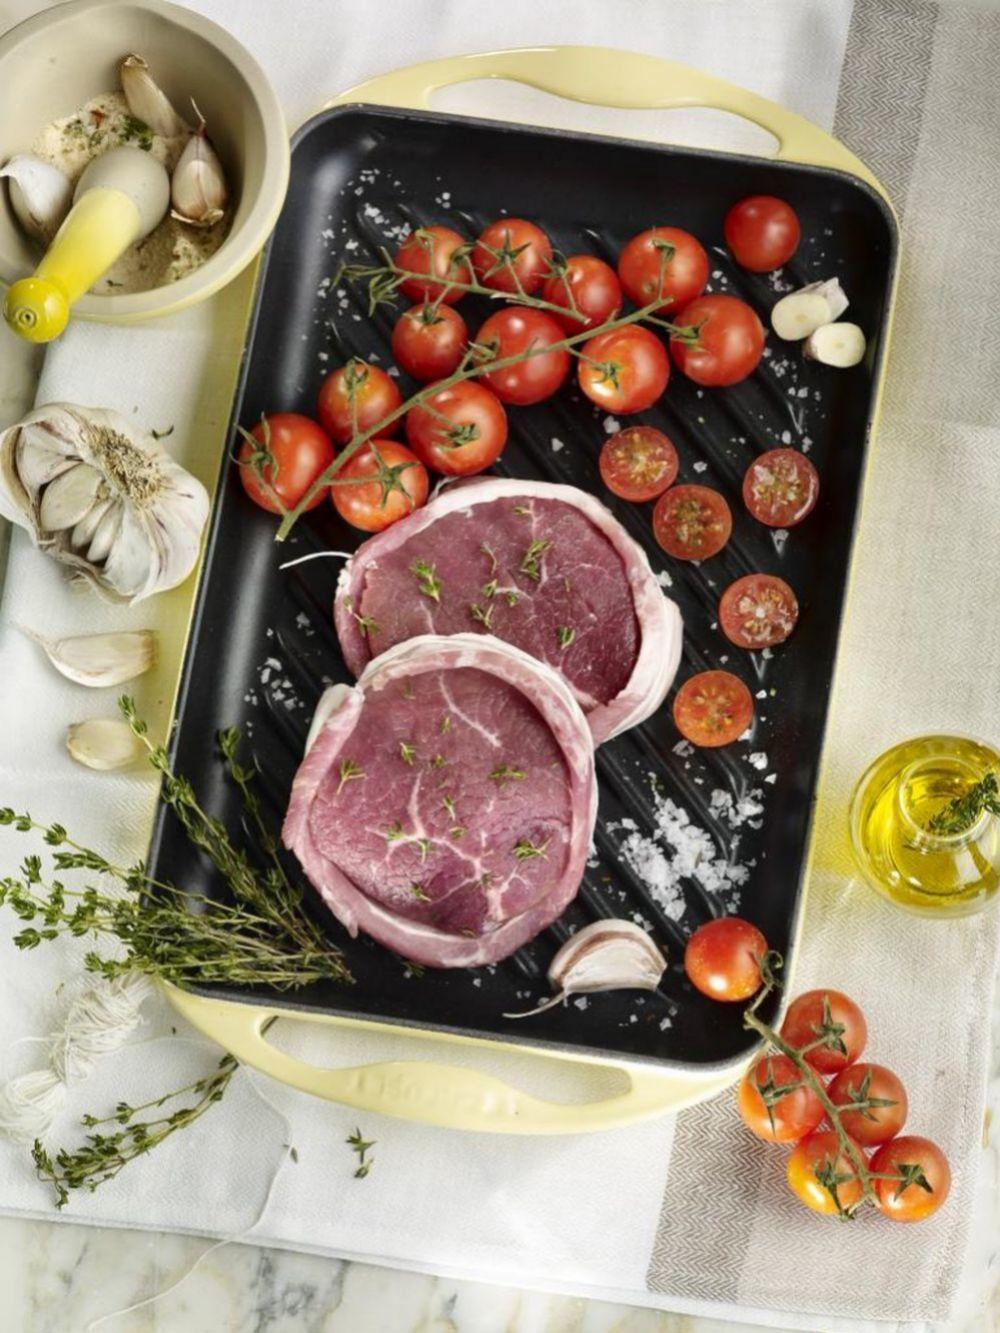 La base de esta dieta pretende emular la alimentación básica de los hombres en la Prehistoria.